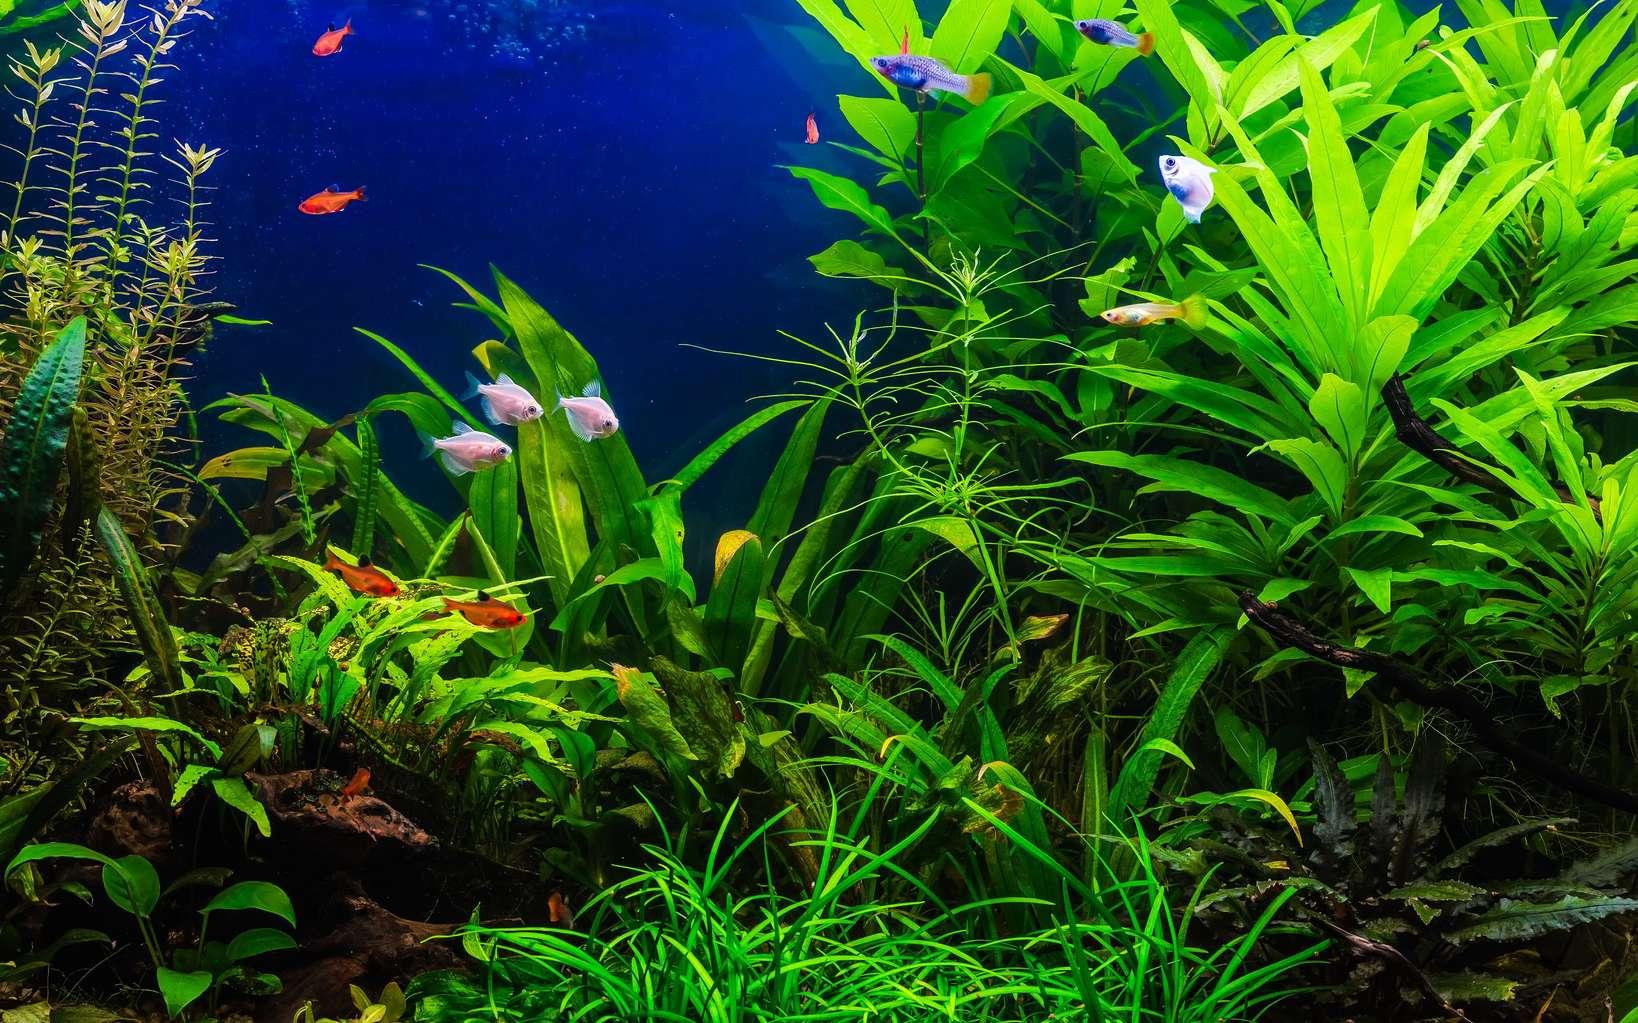 Quelles plantes choisir pour son aquarium d'eau douce ? Les poissons aiment beaucoup, par exemple, se cacher derrière les grandes feuilles de l'Anubia naine, une plante qui demande peu de soins. © bukhta79, fotolia